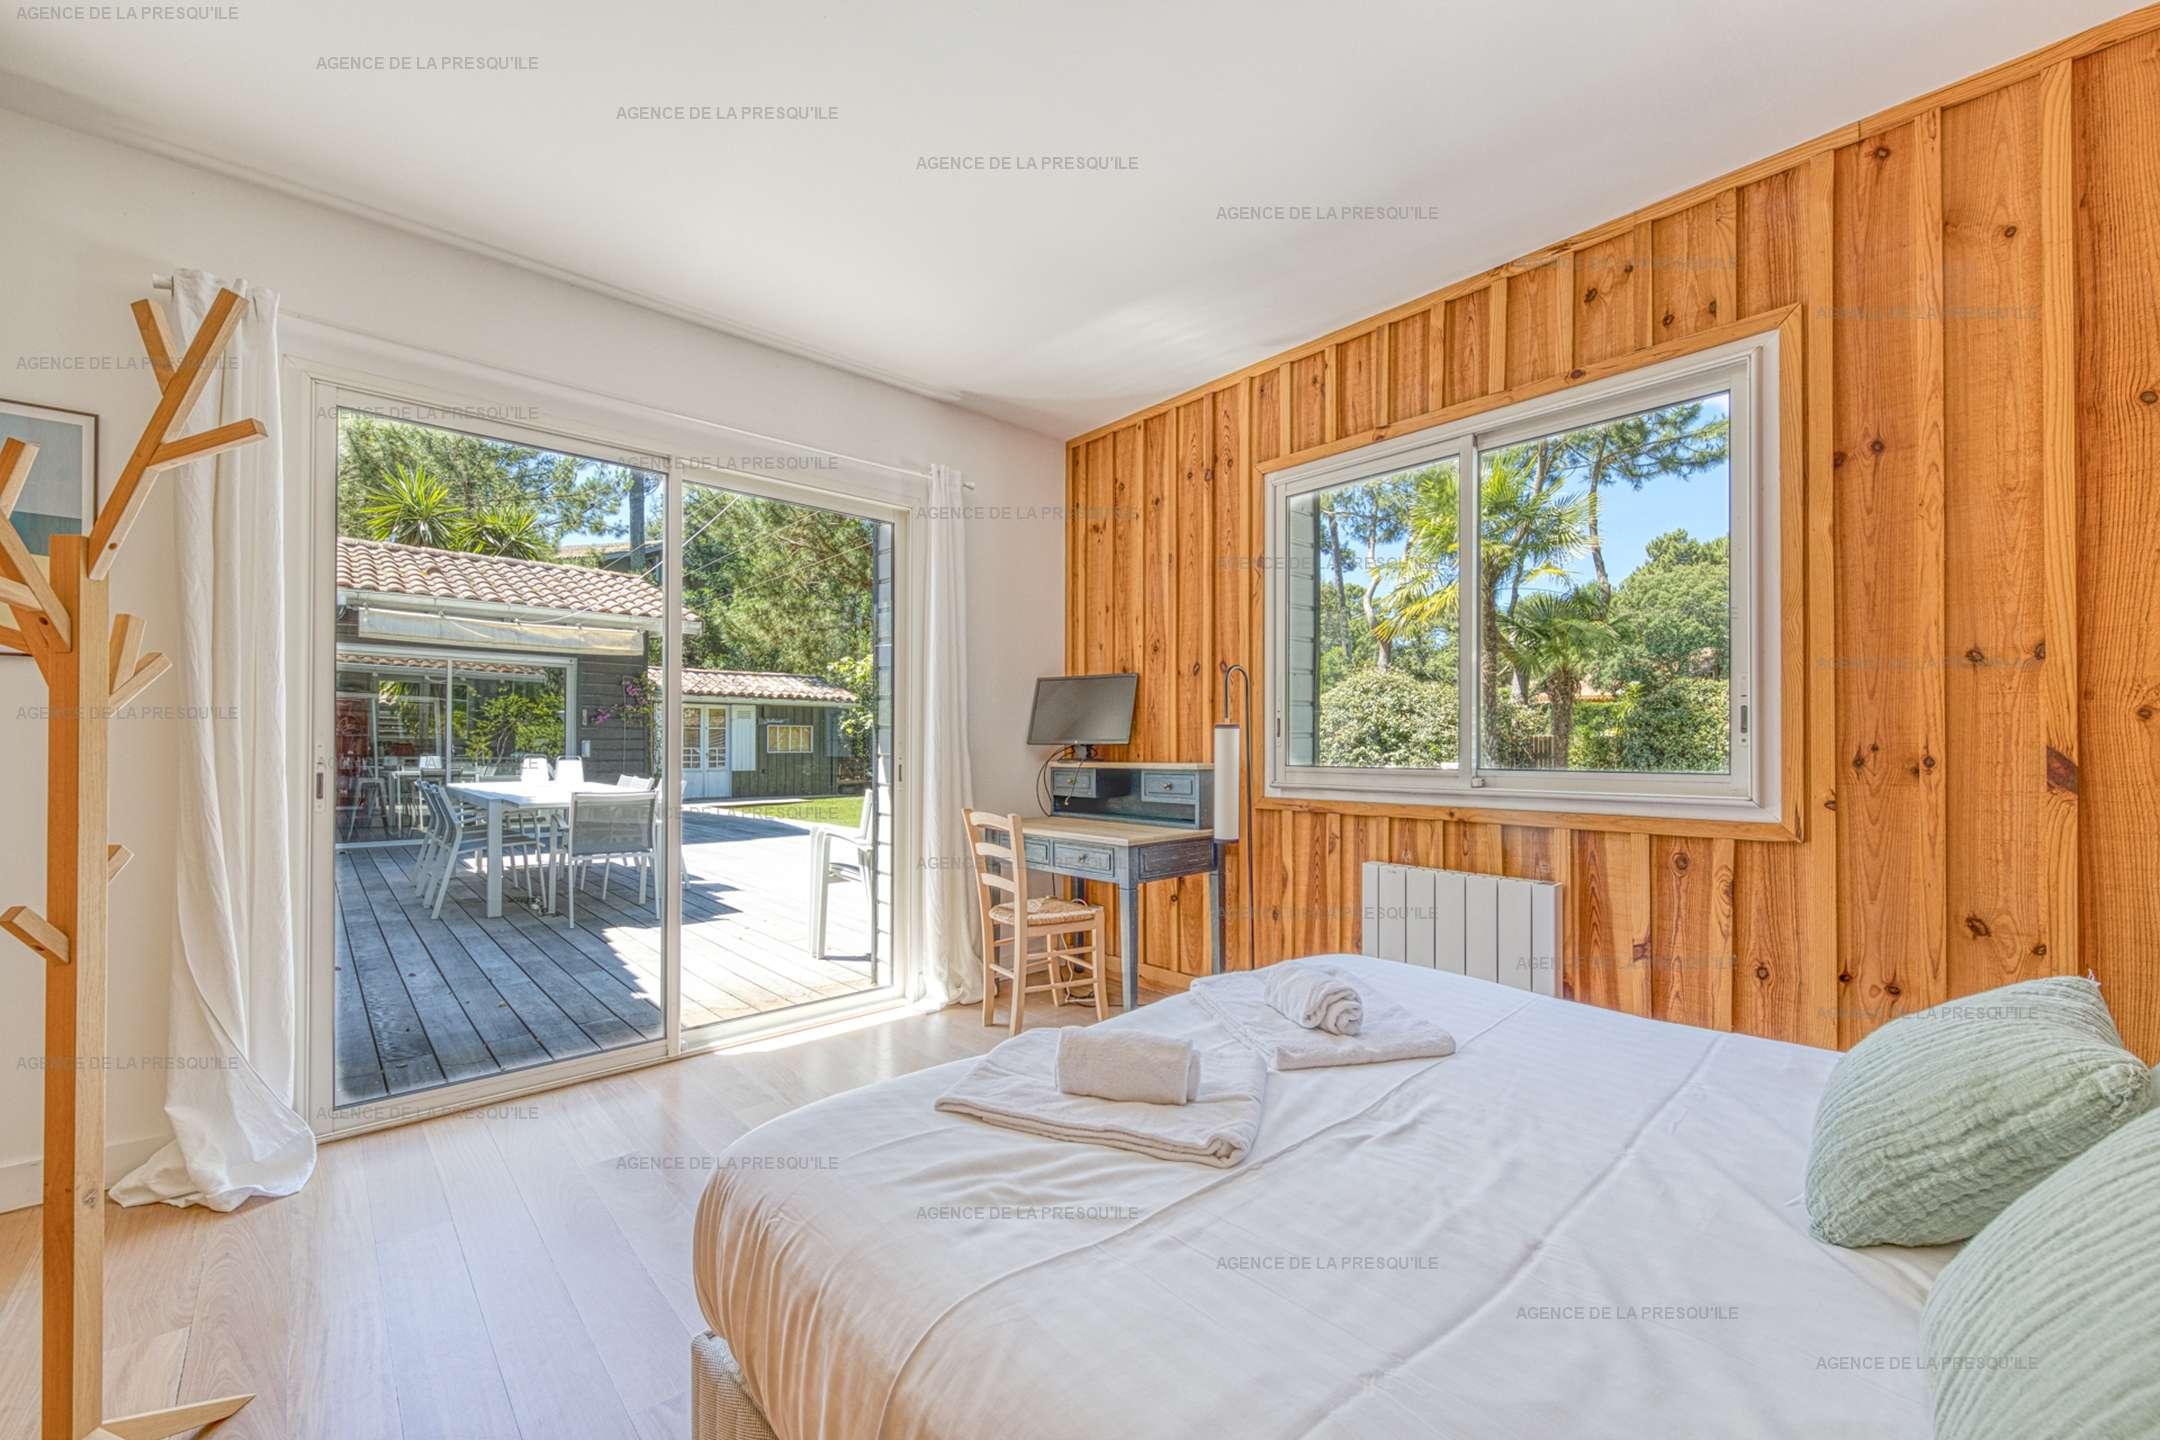 Location: Au calme, très belle villa en bois avec piscine chauffée 8